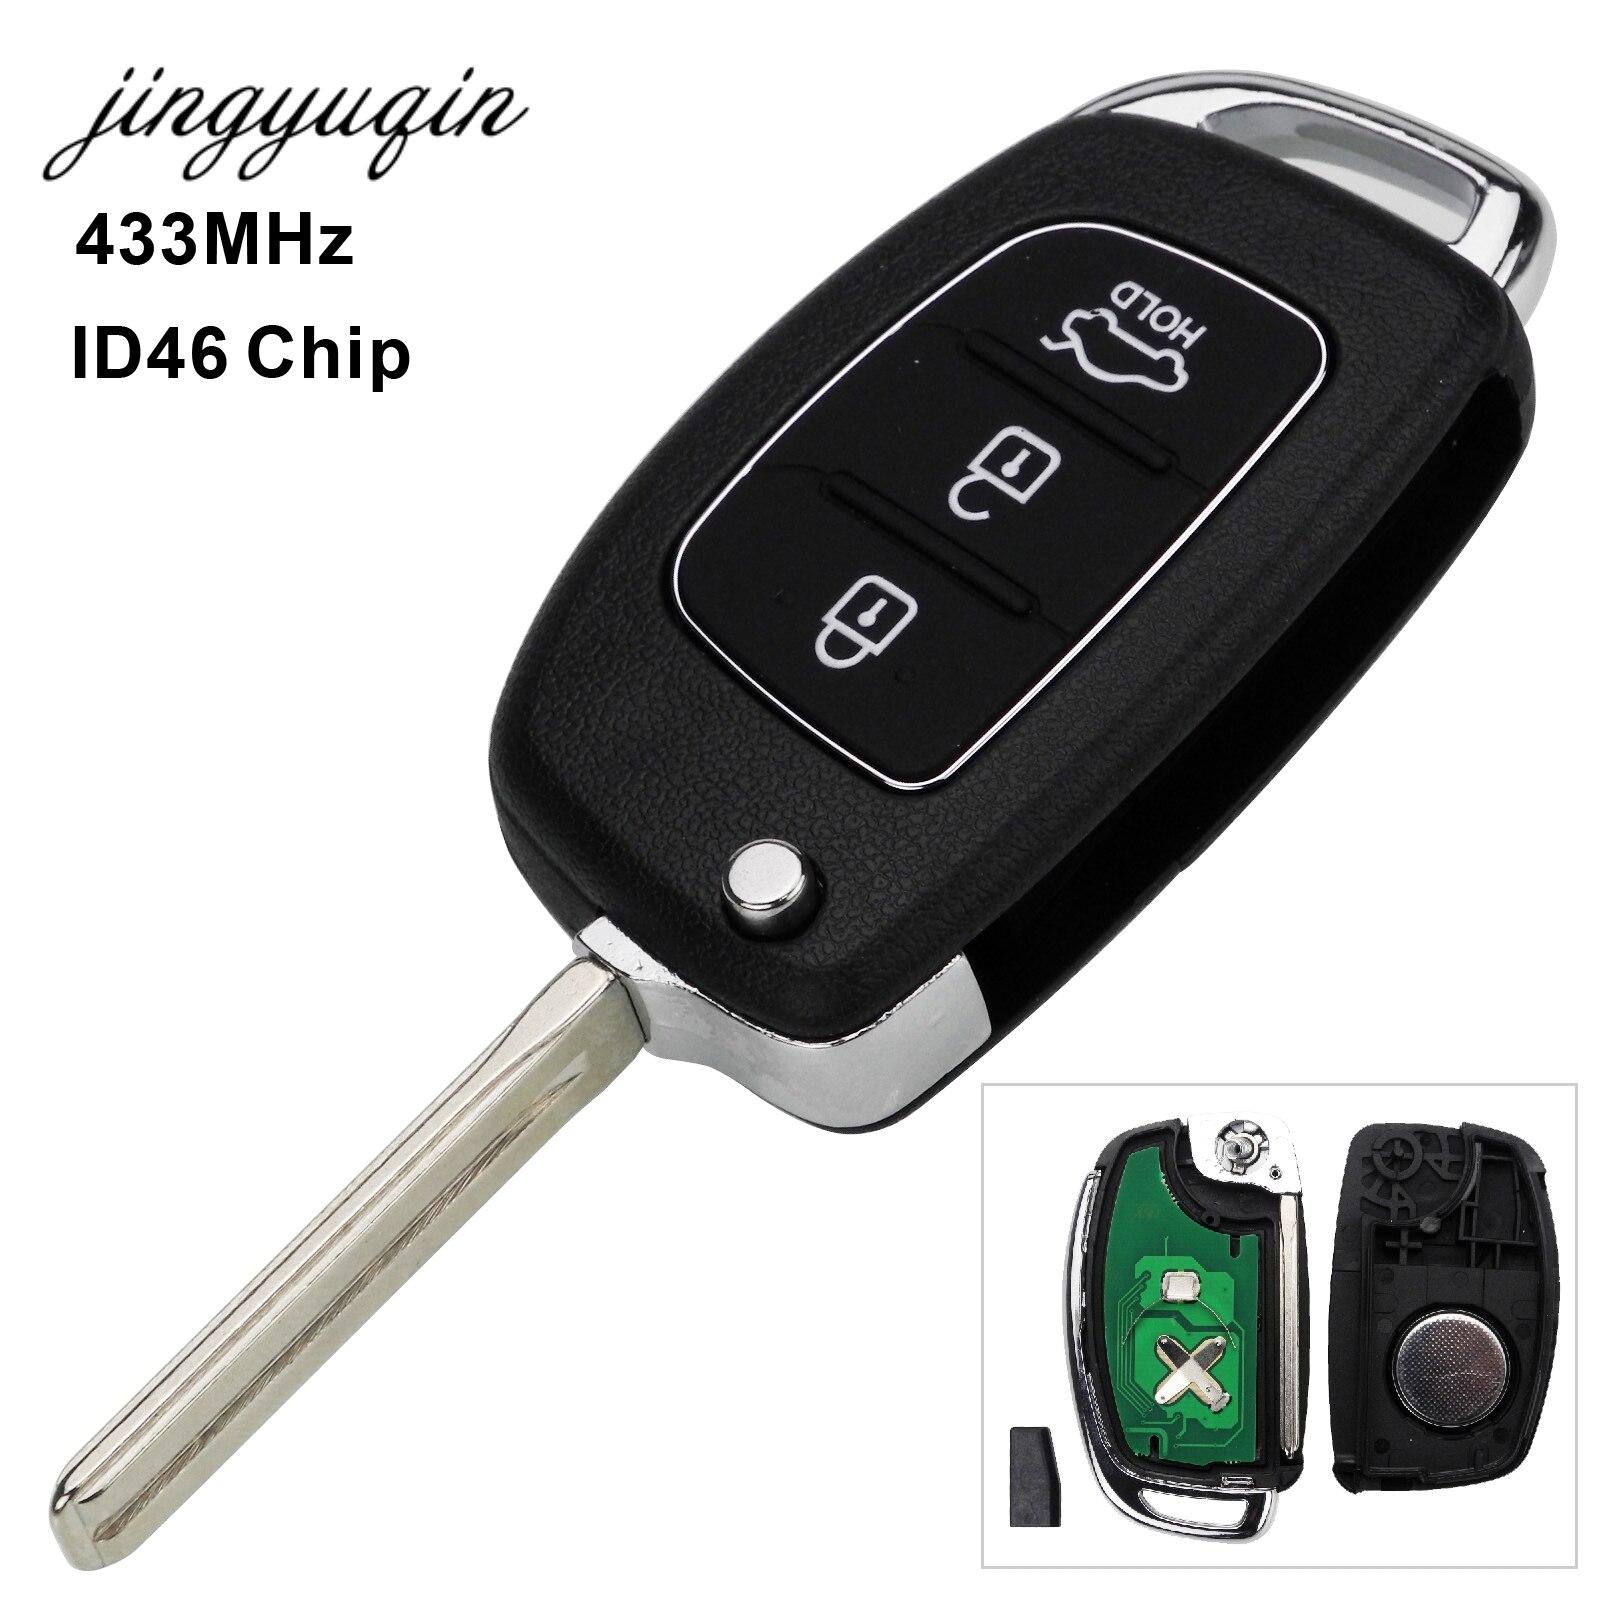 Remote Key Fob 3 Tasten 433Mhz ID46 Chip Für Hyundai Neue IX35 IX25 IX45 Elantra Santa Fe Sonata TOY40/HY20/HY14 Fob Control